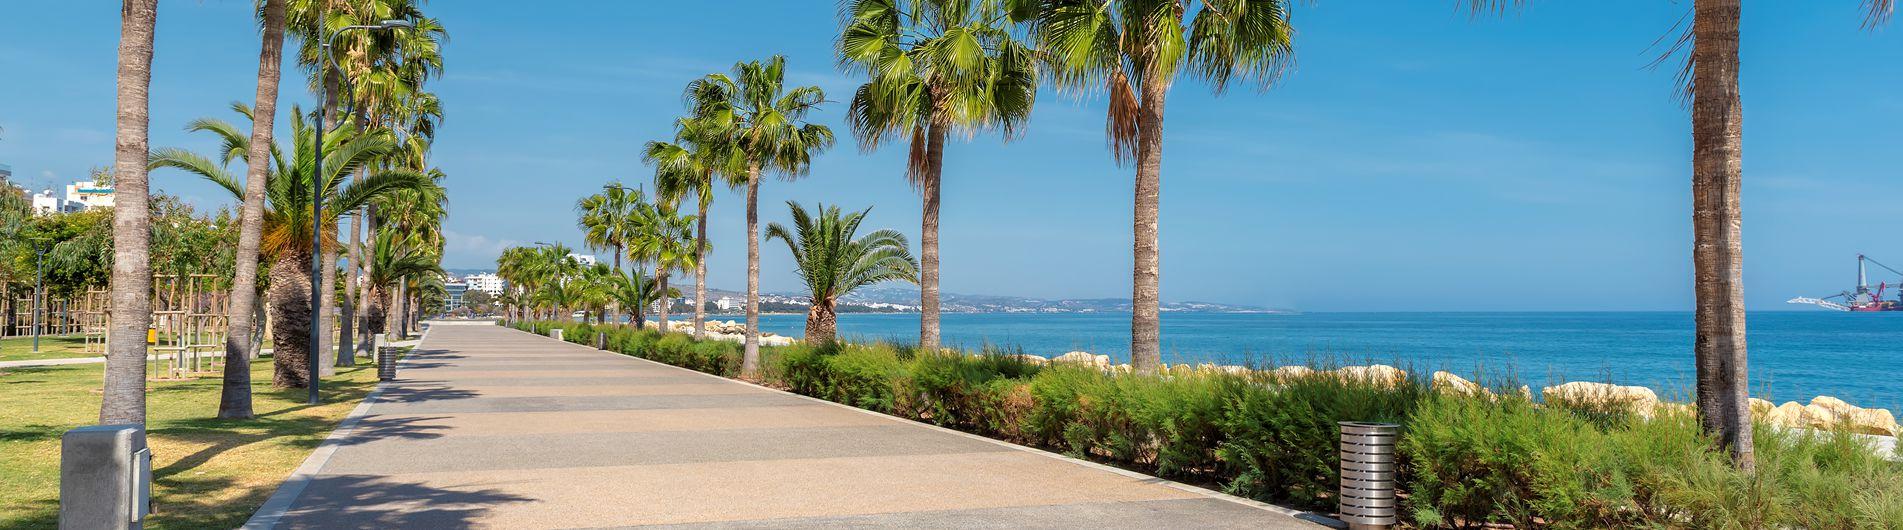 Limassol Holidays 2020